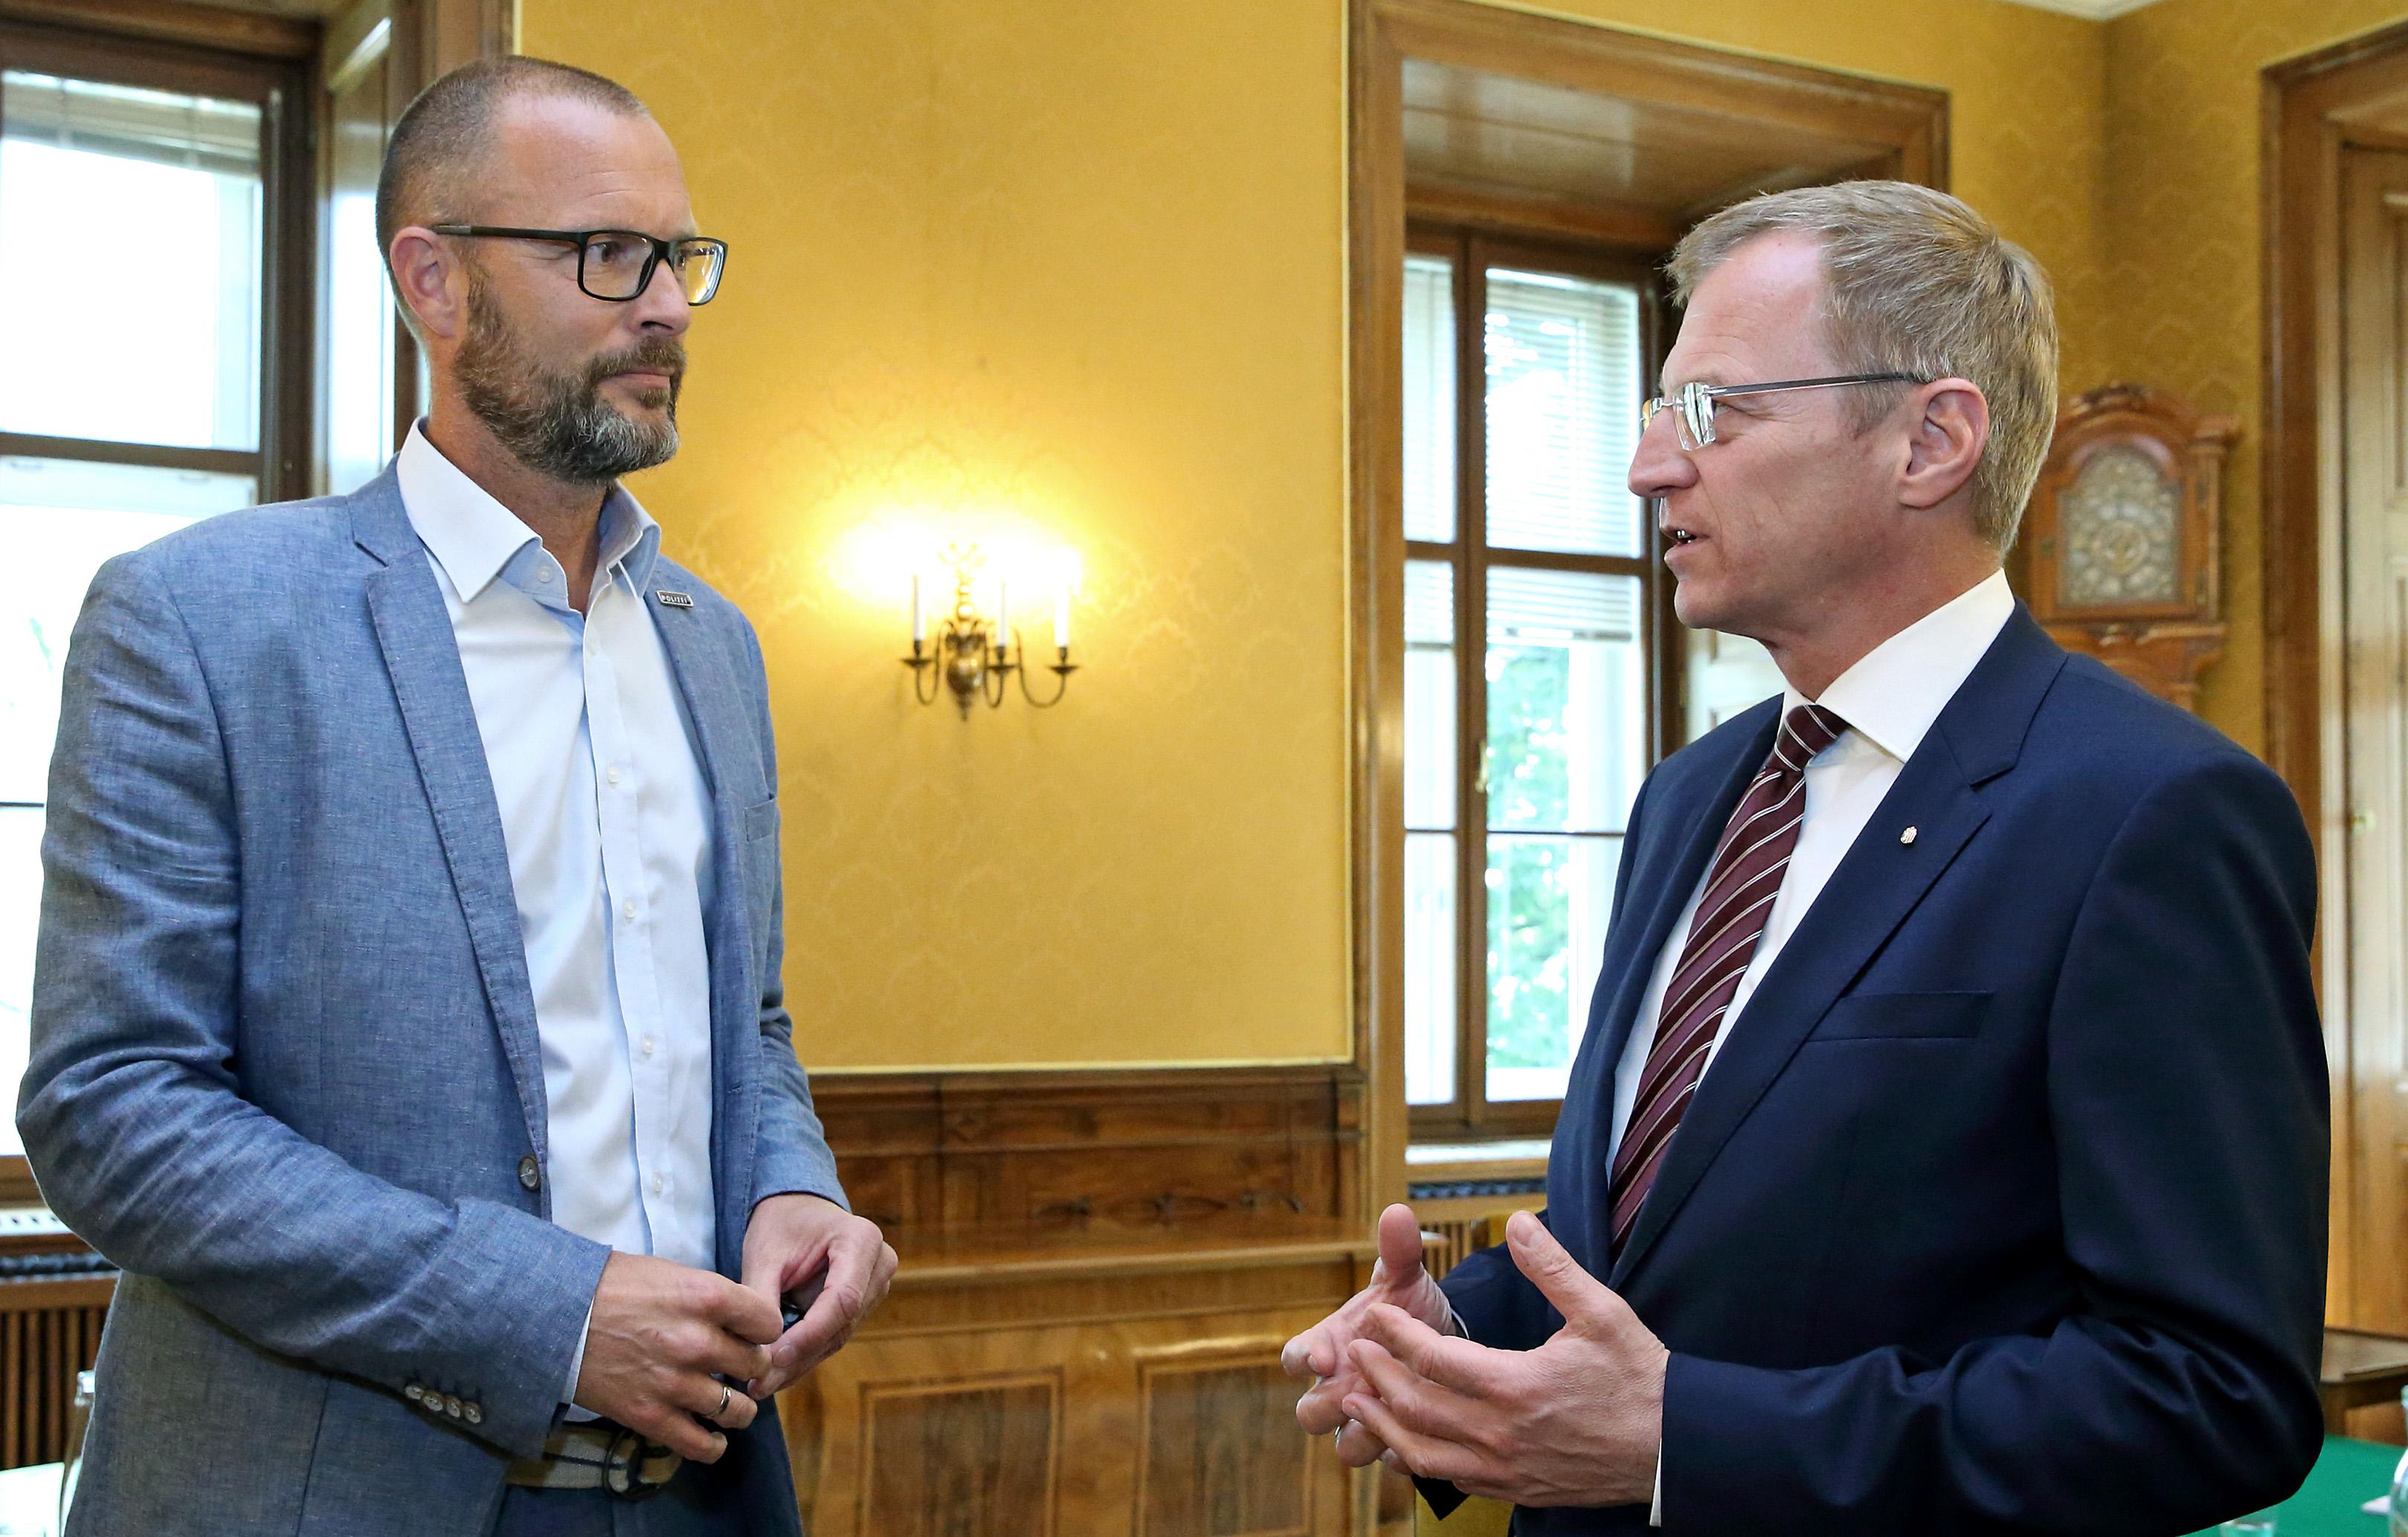 LH Stelzer erklärt steigende Kriminalität unter Asylwerbern zum zentralen Thema